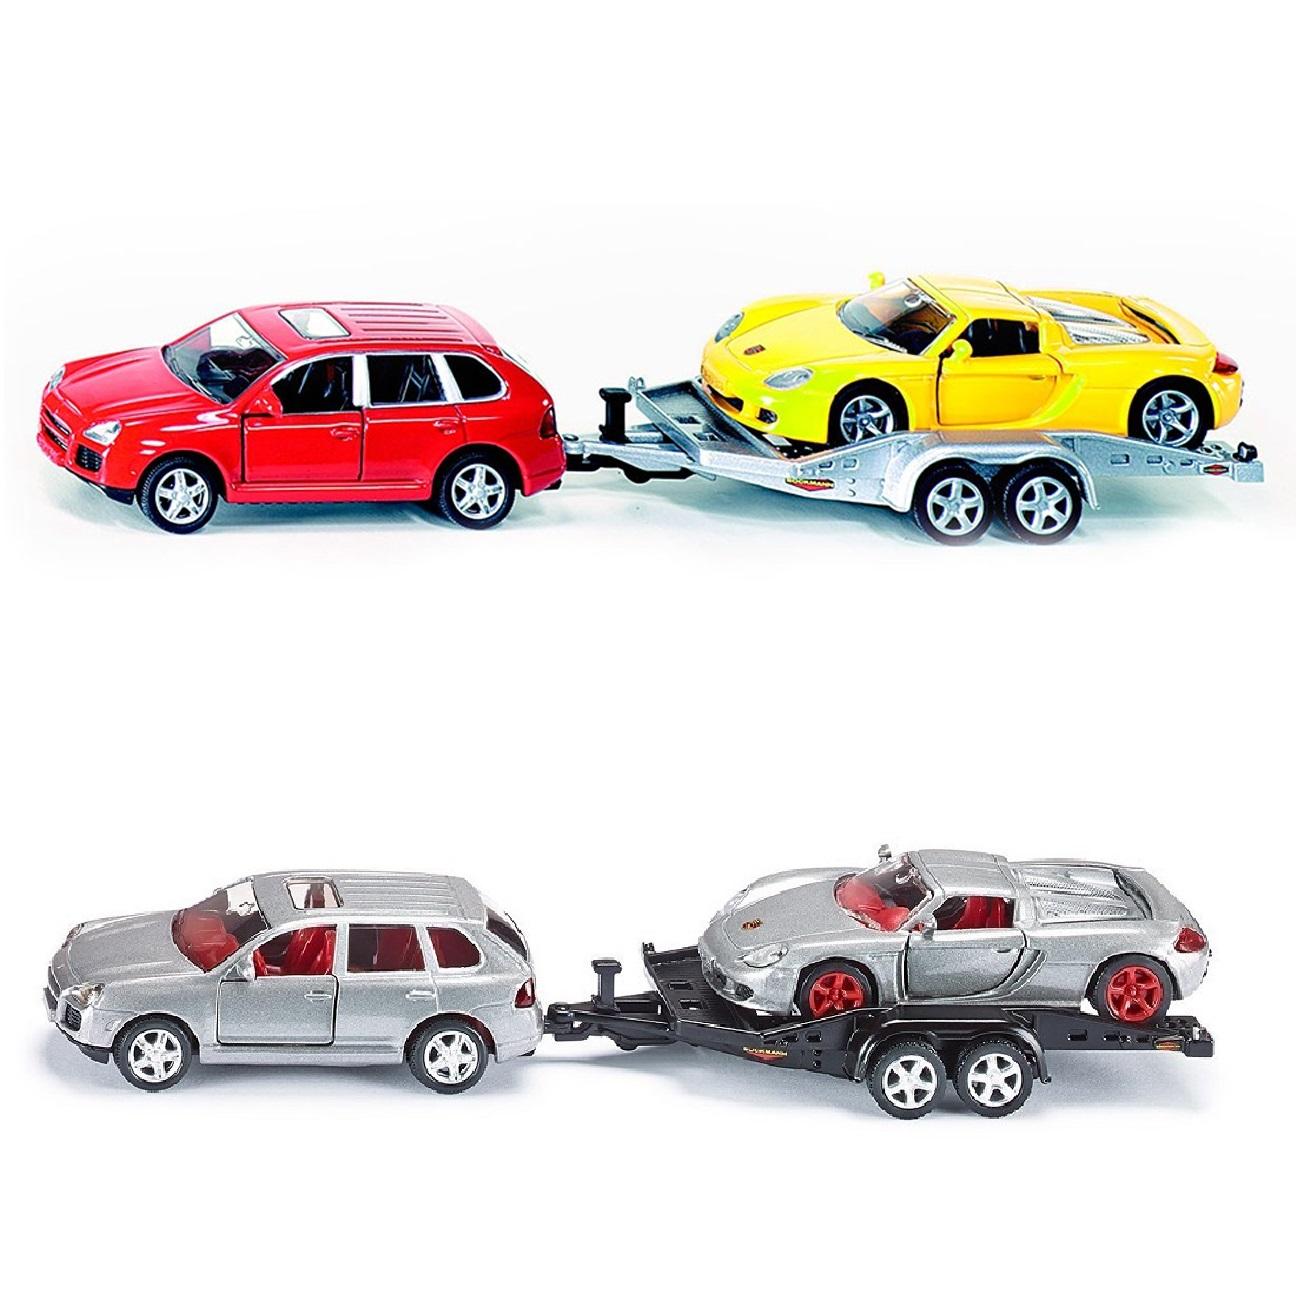 Модель автомобиля Porsche Cayenne Turbo с прицепом и спортивной машиной, 1:55Porsche<br>Модель автомобиля Porsche Cayenne Turbo с прицепом и спортивной машиной, 1:55<br>